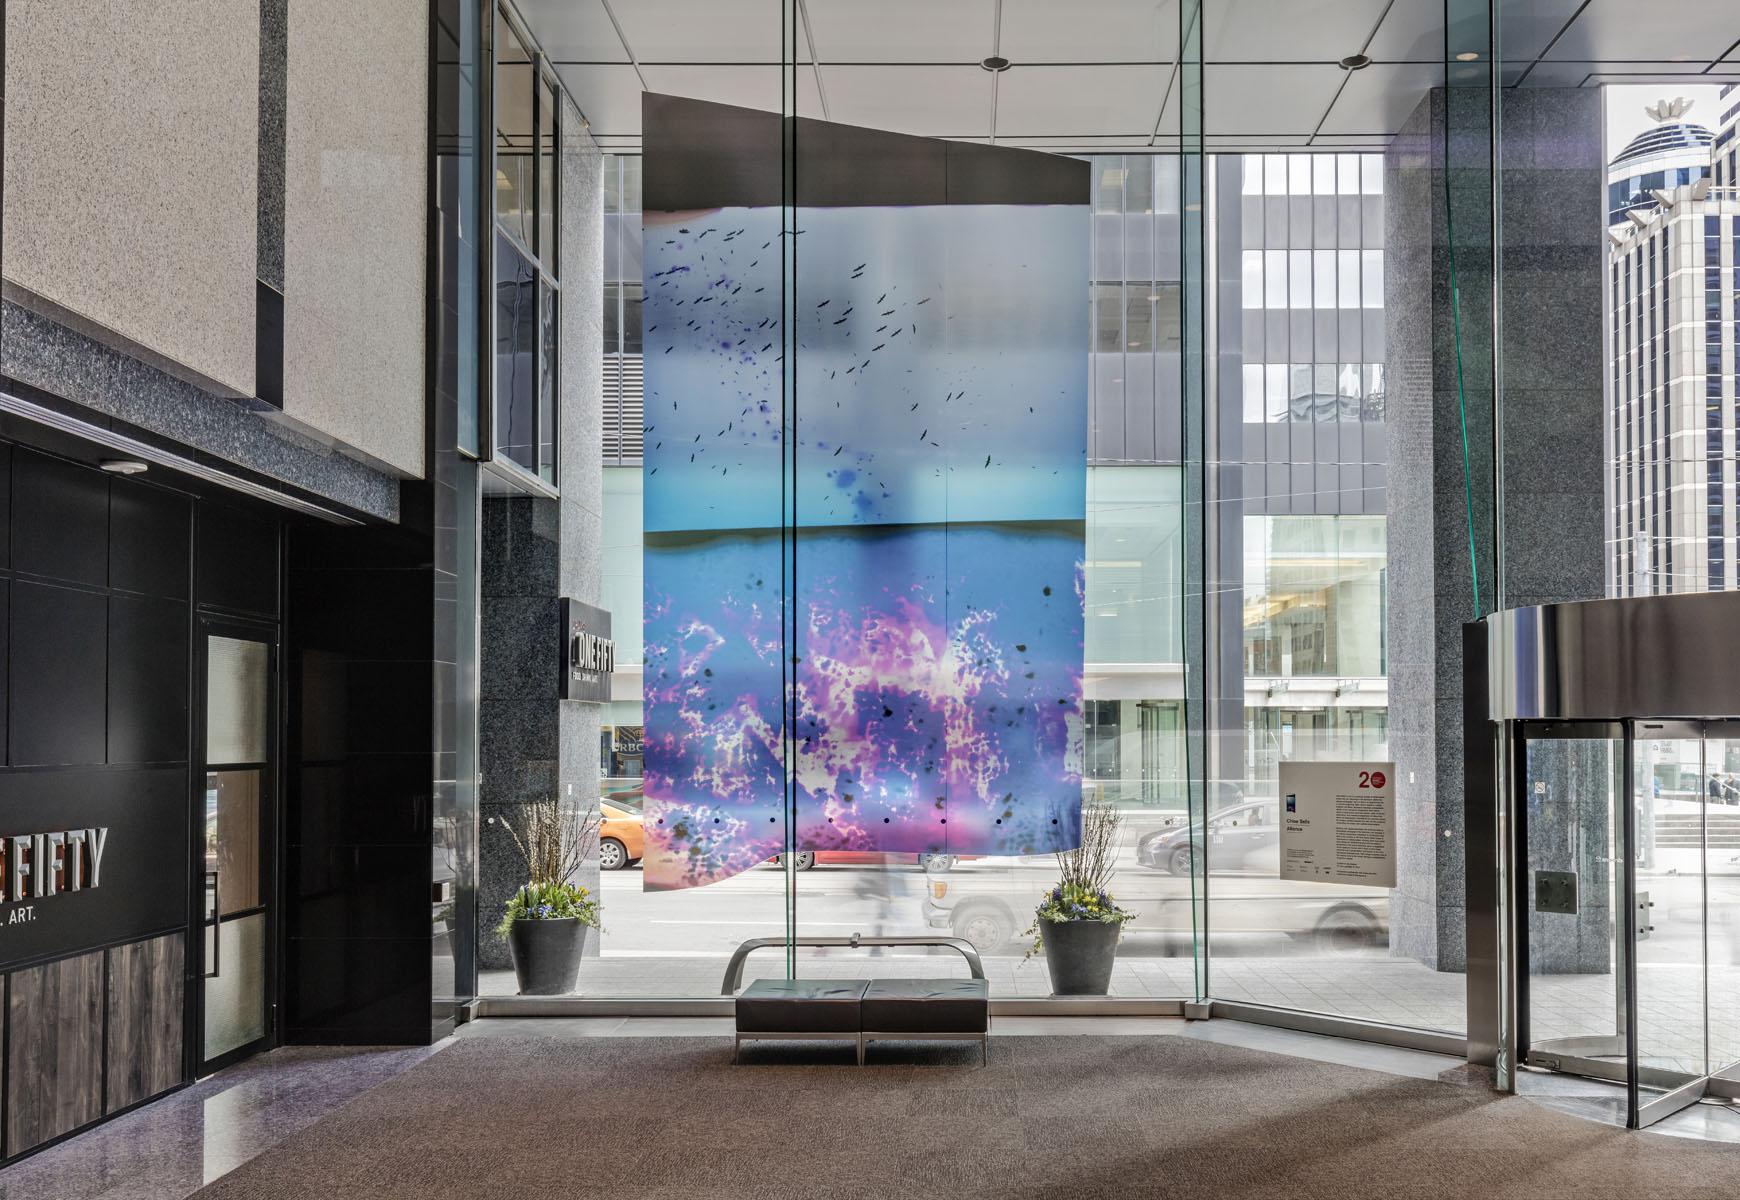 Installation view of Chloe Sells, Alliance, Photo: Toni Hafkenscheid